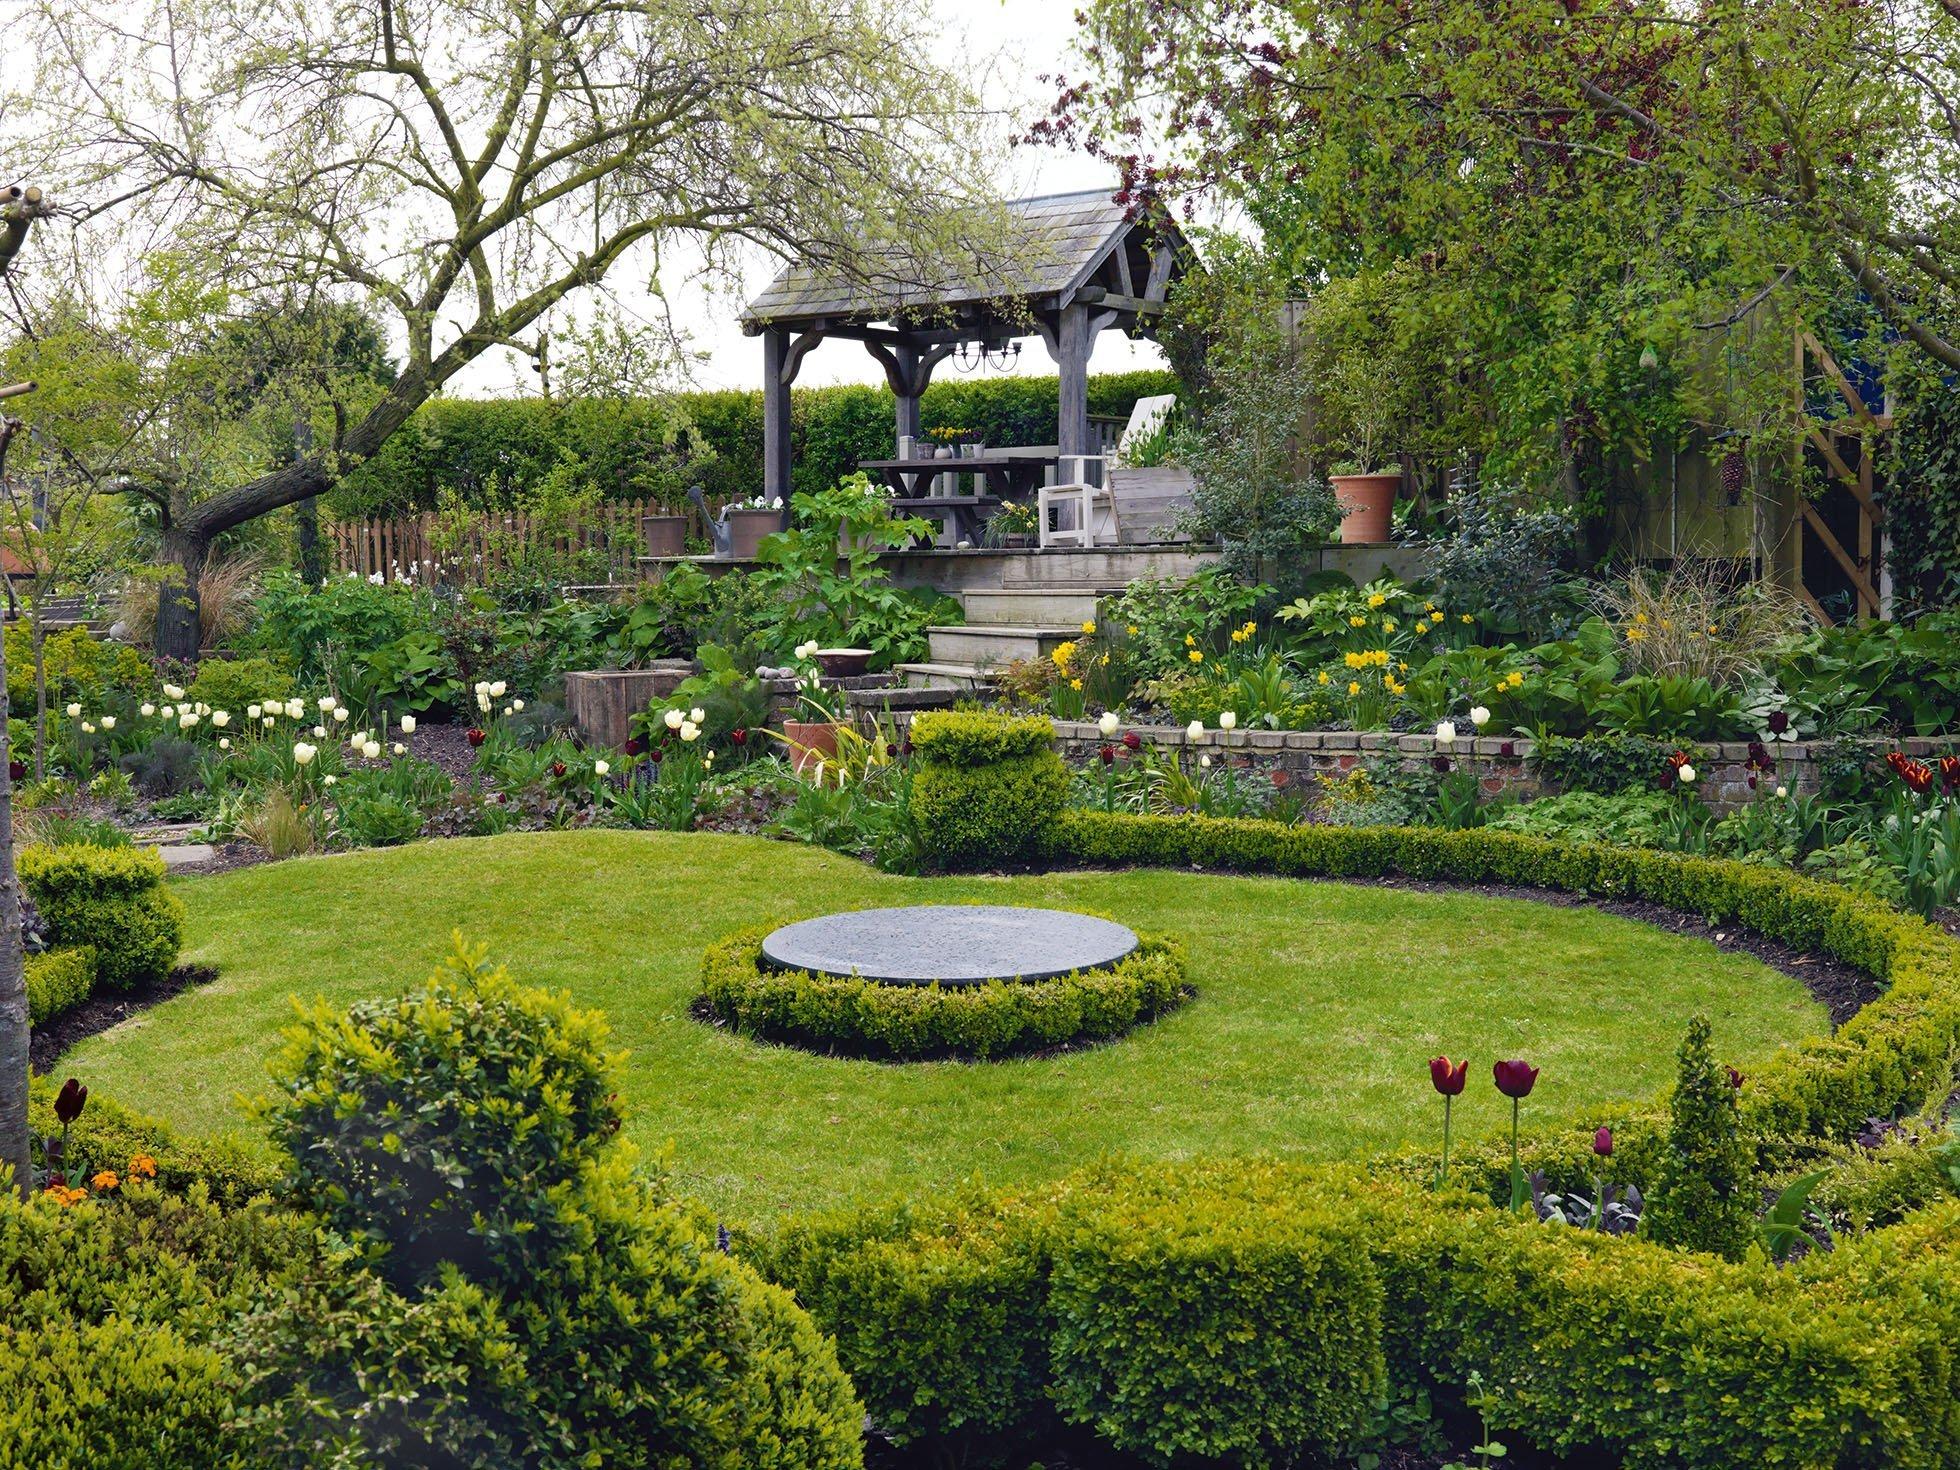 Zahradu před pohledy nezvaných hostů chrání pro Anglii tak typický živý plot. Při jeho úpravách je ale třeba zvolit vhodnou výšku, aby zbytečně neubíral ostatním rostlinám světlo.